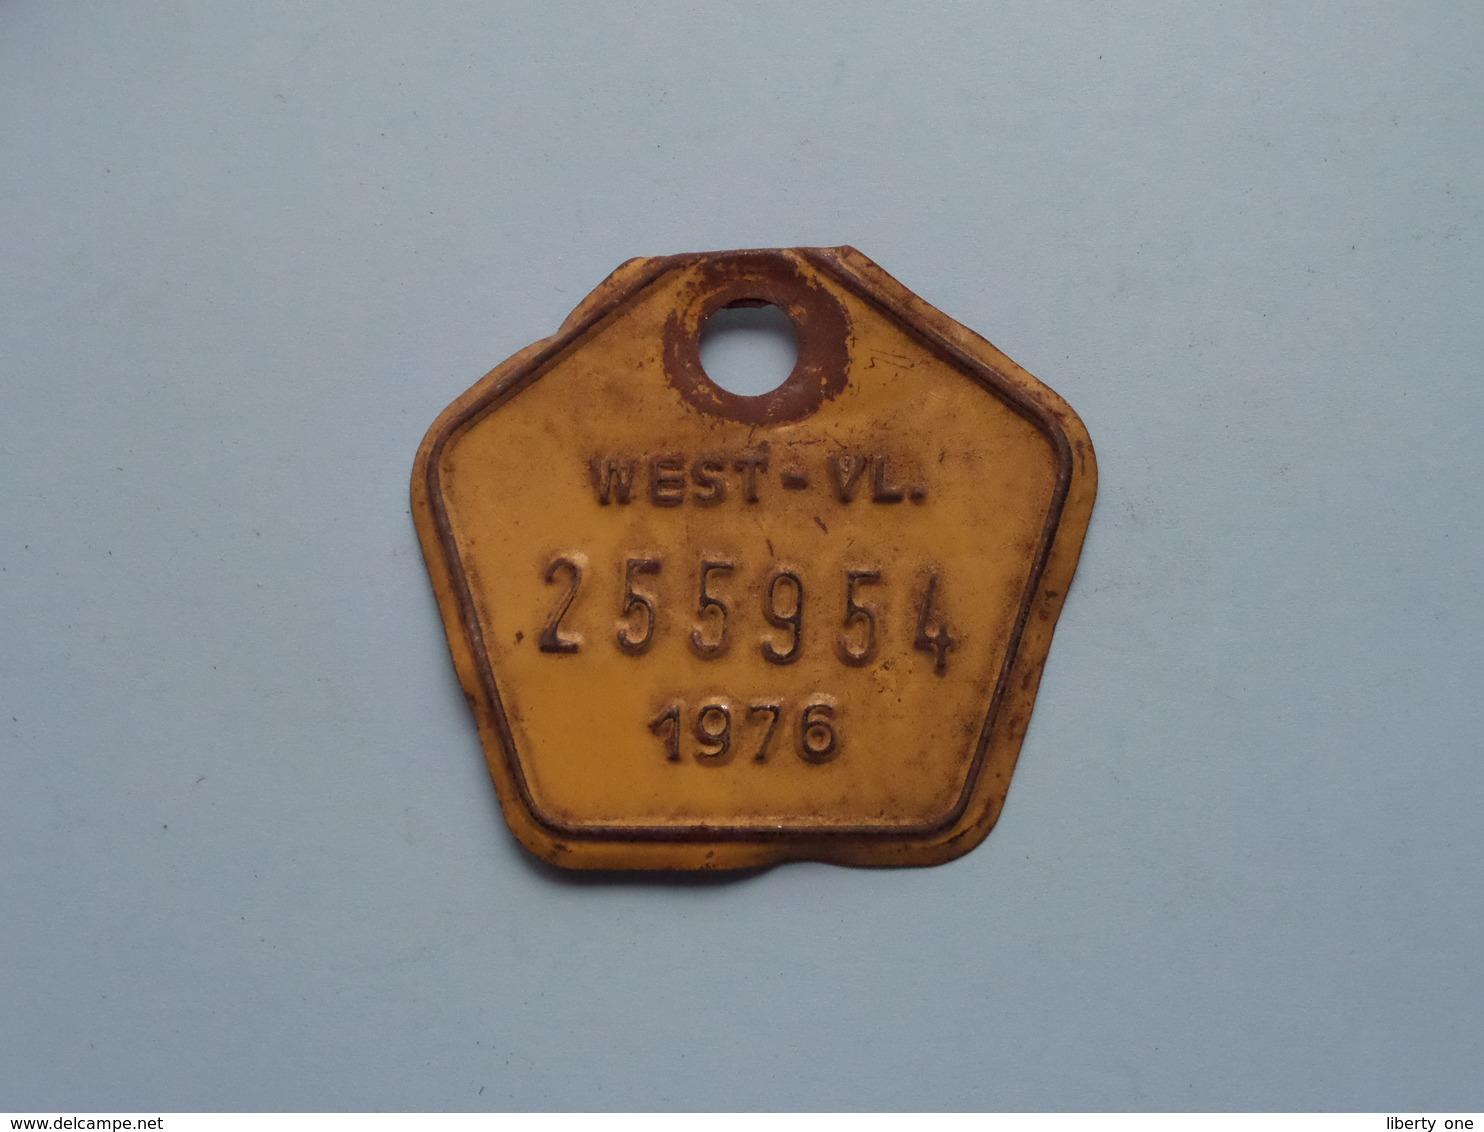 FIETSPLAAT / PLAQUE Vélo ( WEST - VLAANDEREN > N° 255954 ) Anno 1976 ( België ) ! - Kennzeichen & Nummernschilder